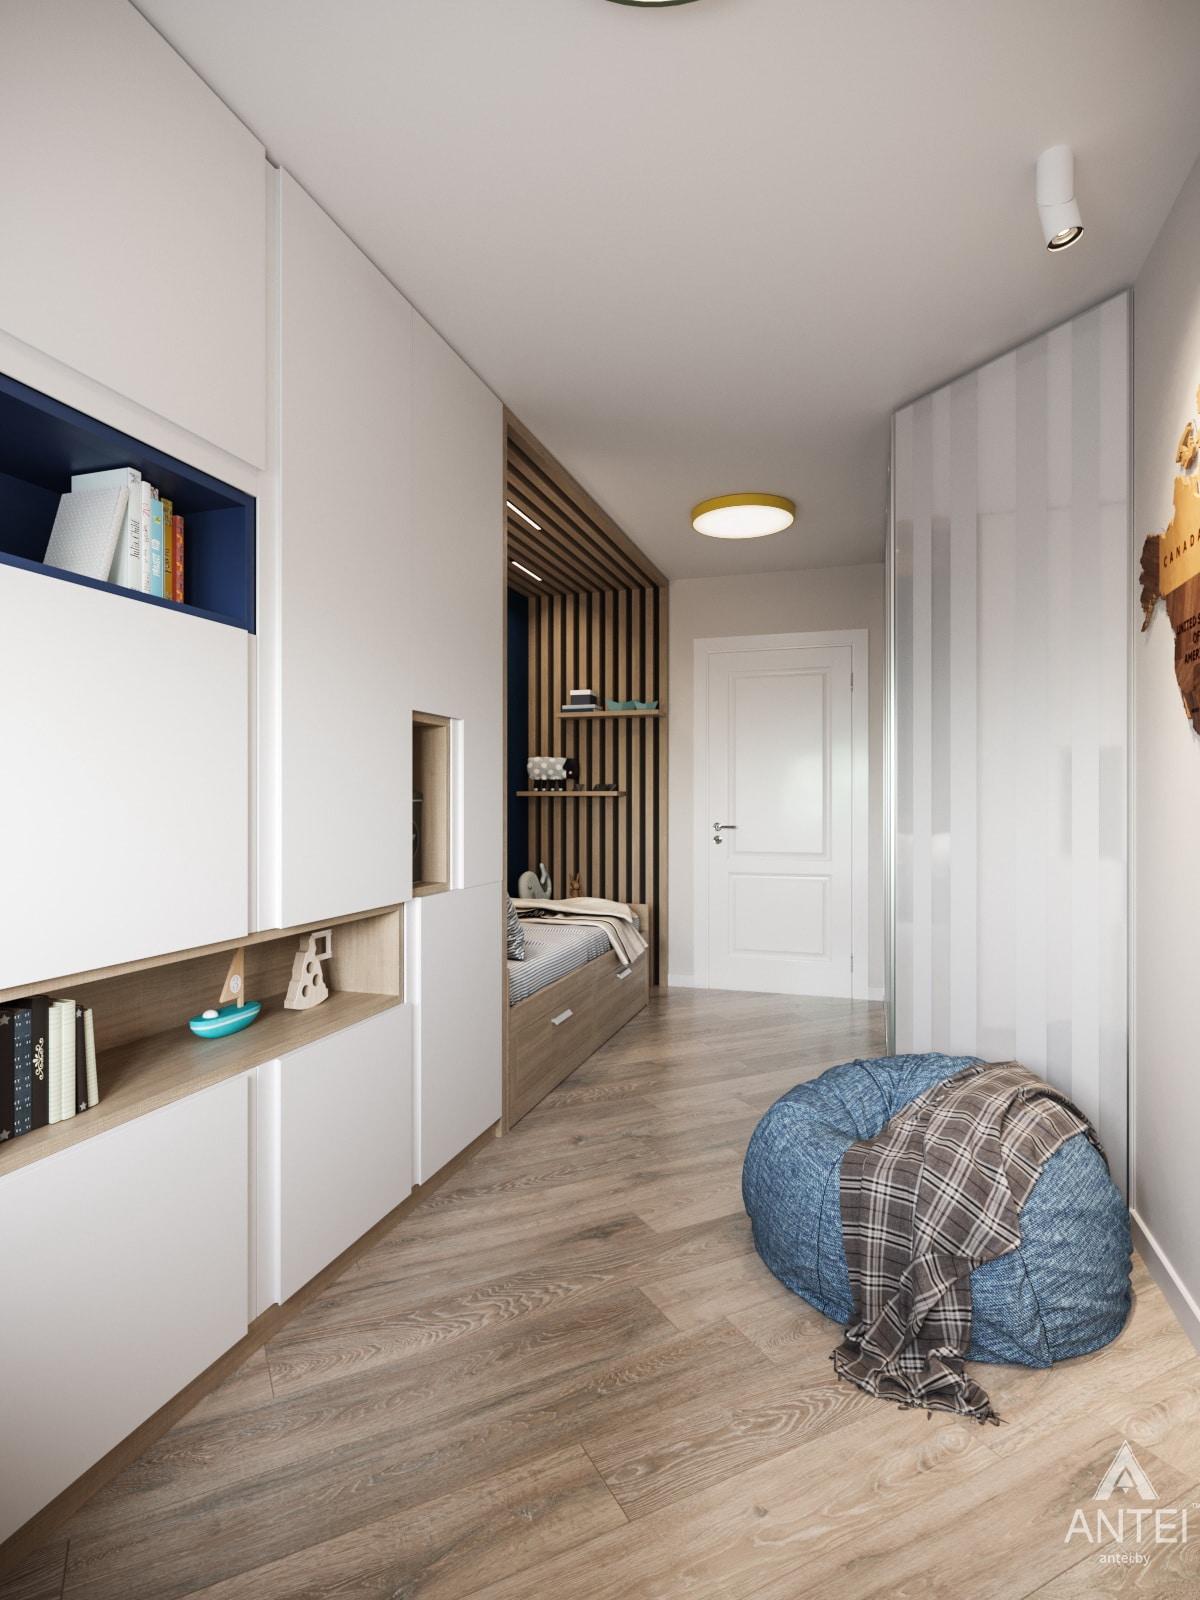 Дизайн интерьера трехкомнатной квартиры в Гомеле, ул. Бородина Т.С. - детская комната фото №5